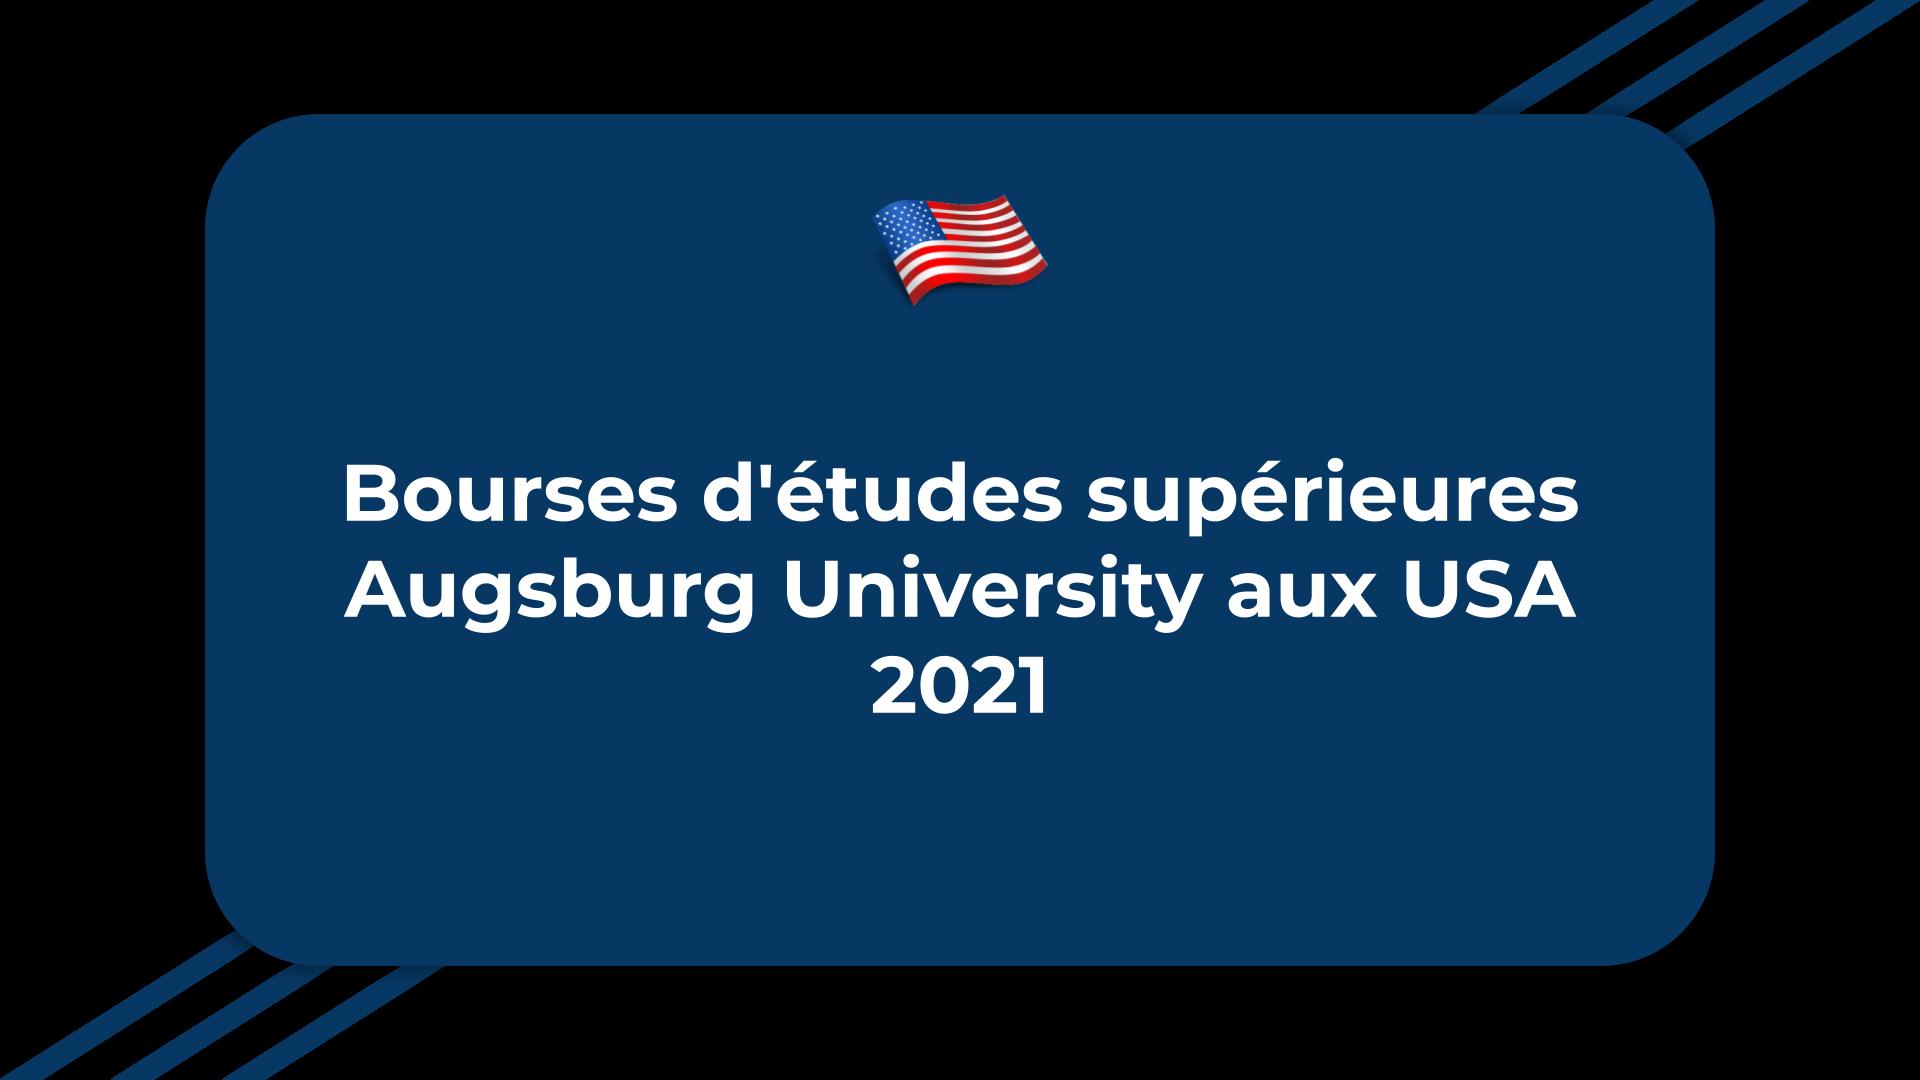 Bourses d'études supérieures Augsburg University